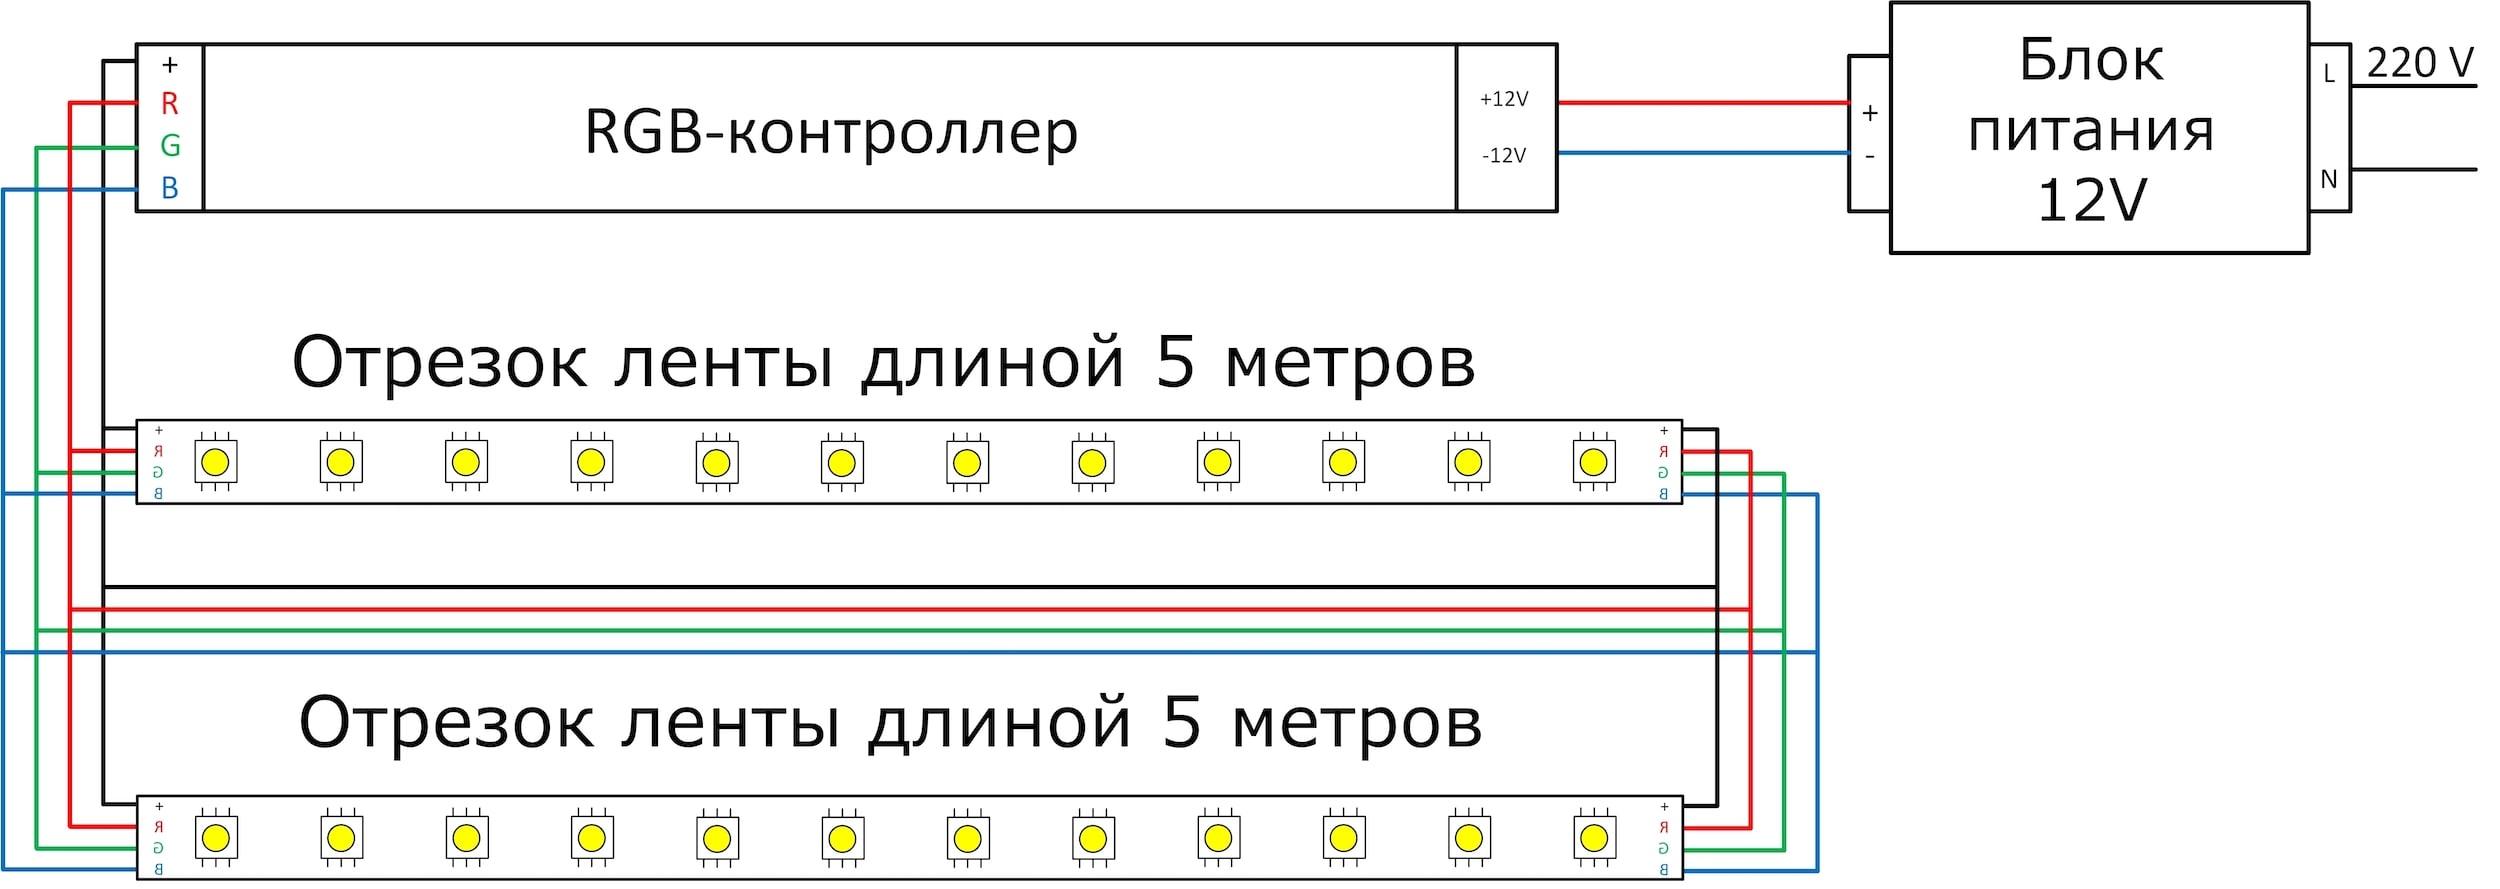 Схема подключения многоцветной ленты длиной 5 метров